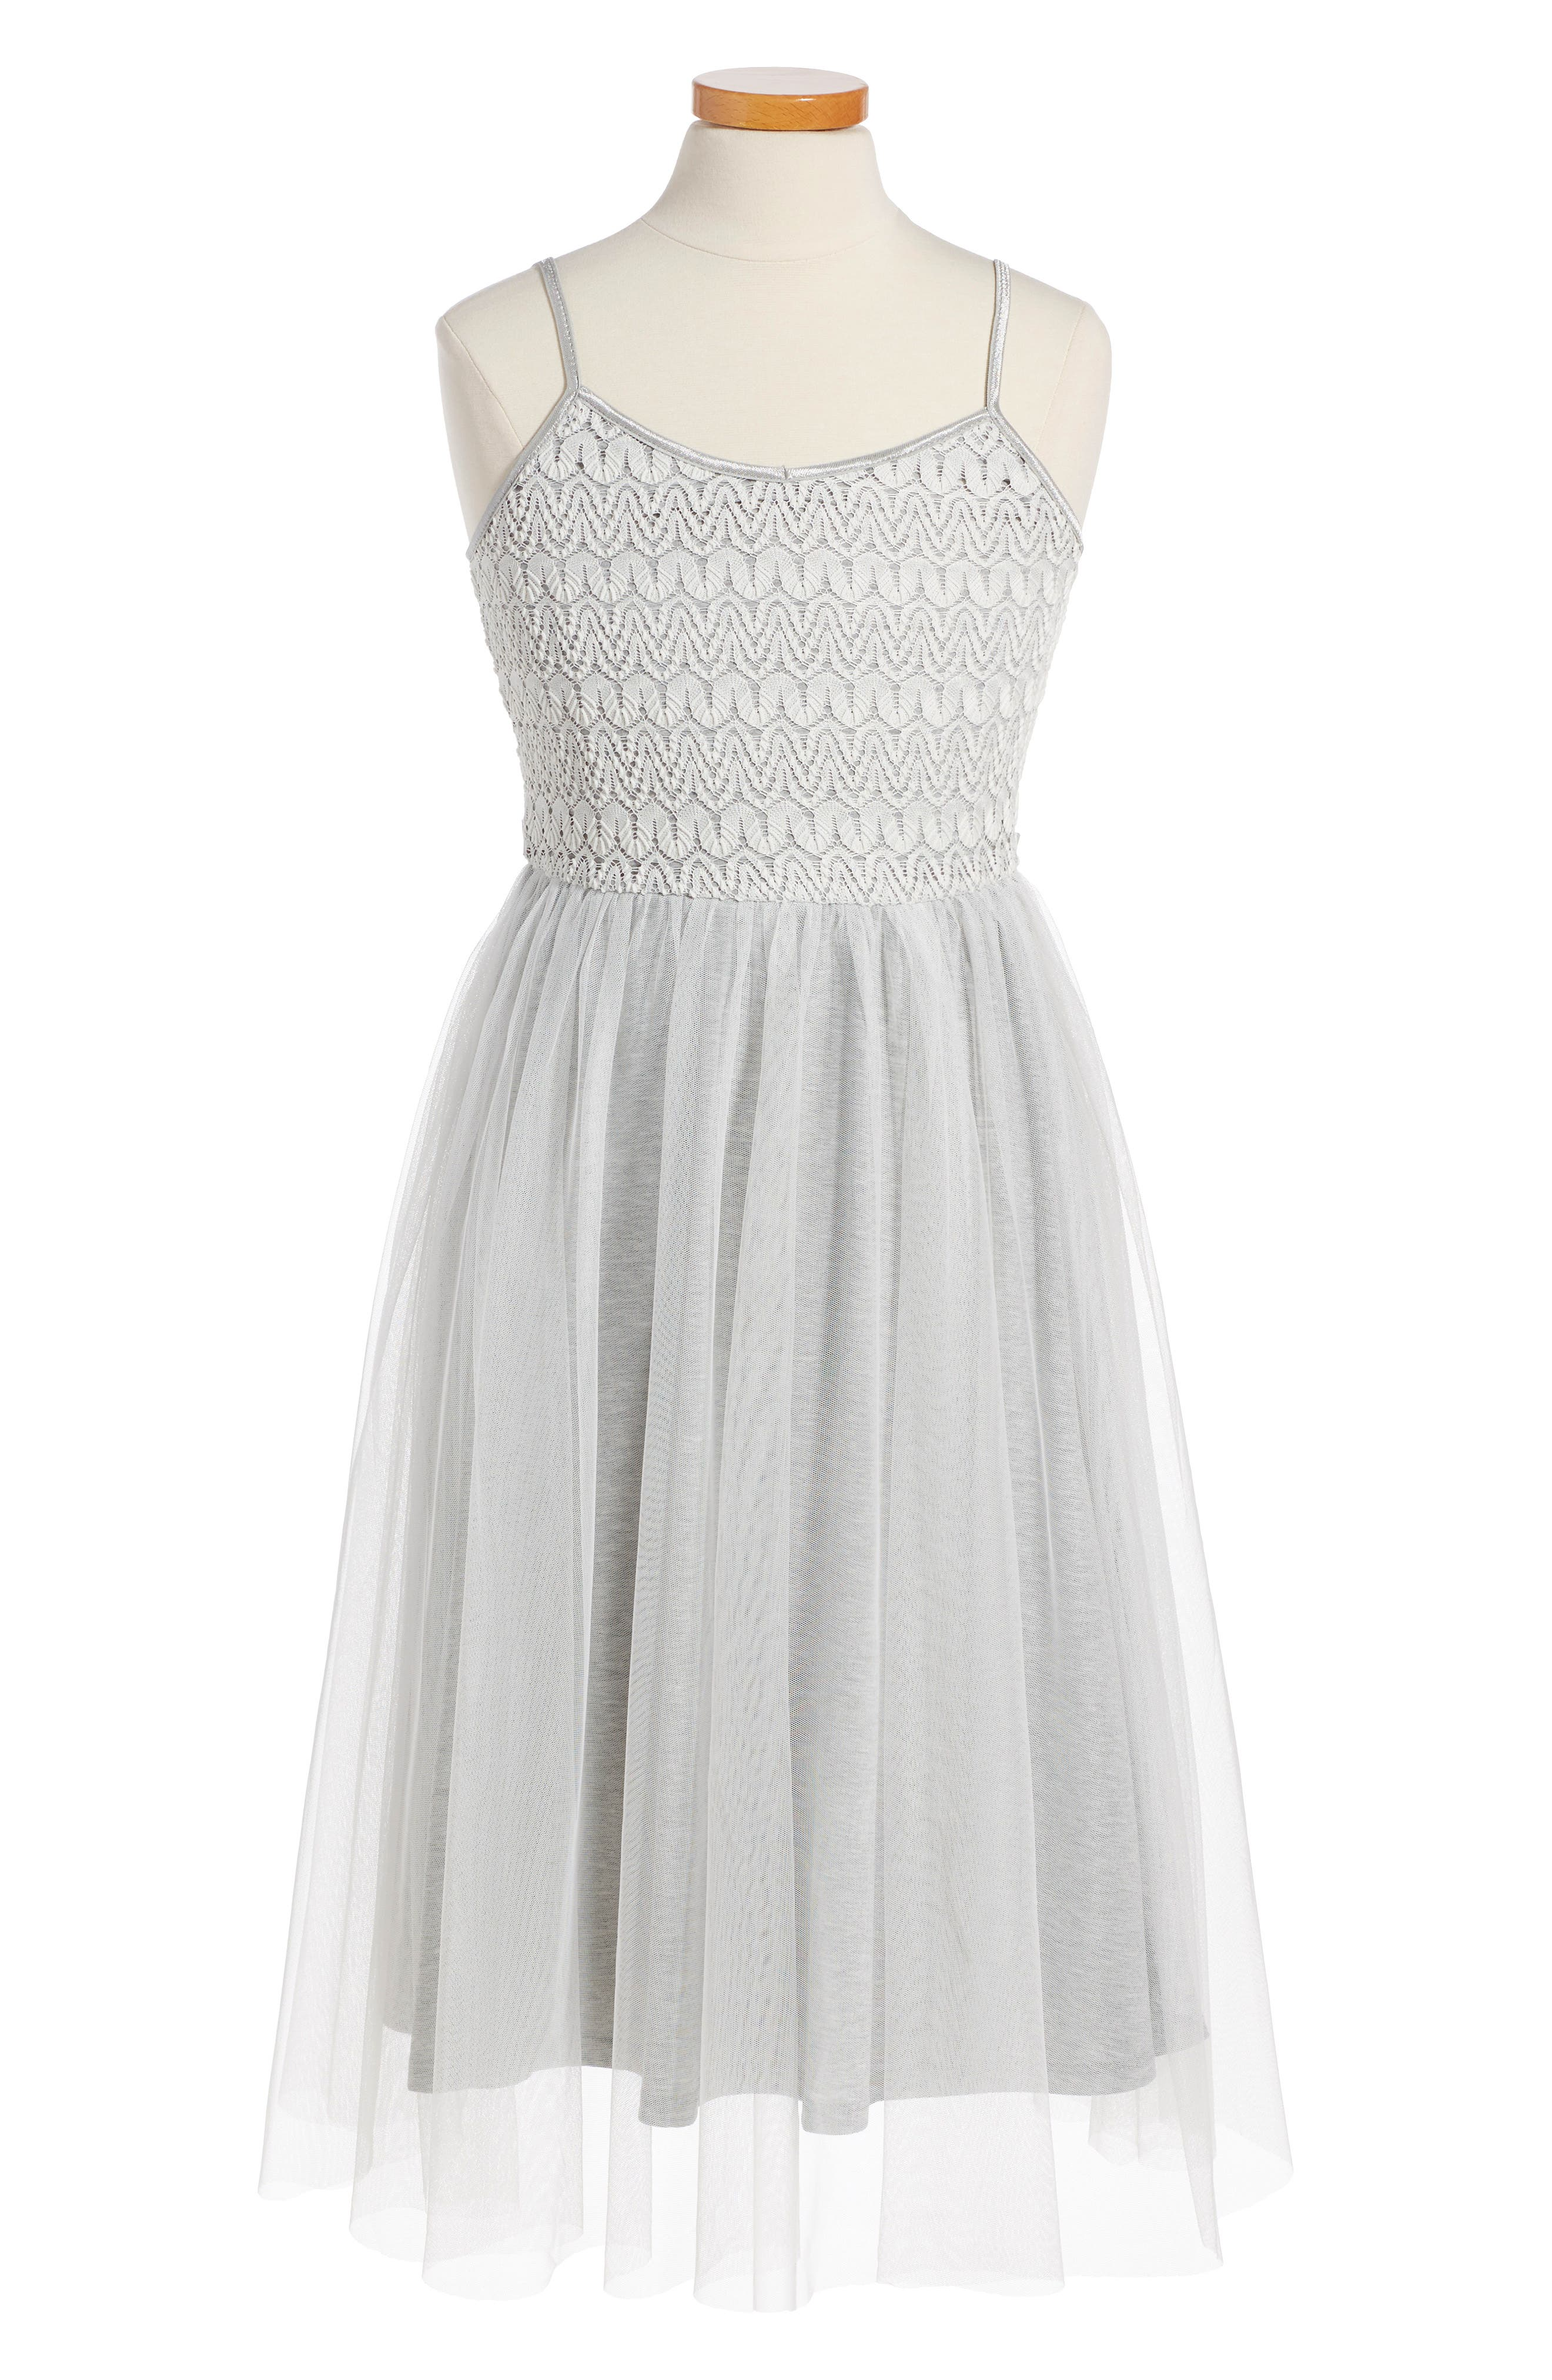 RUBY & BLOOM Crochet Ballet Dress